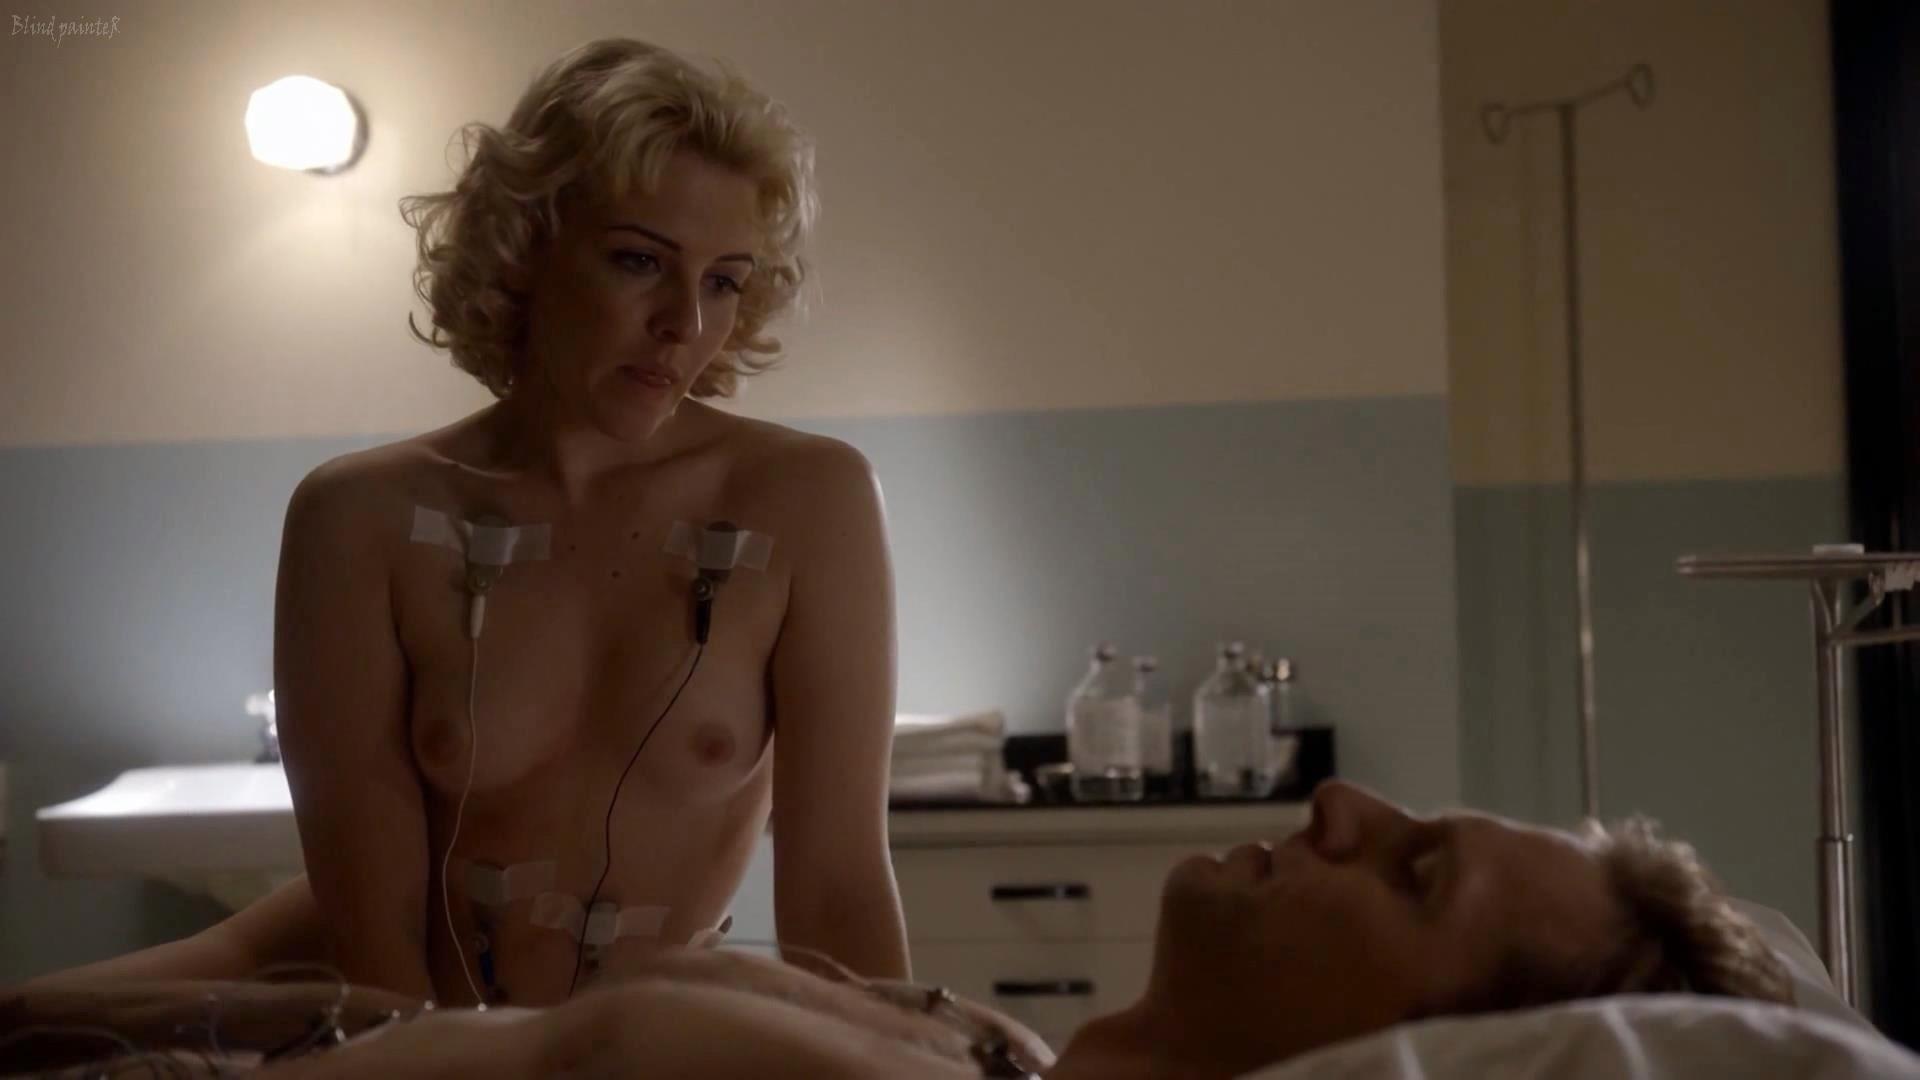 ハリウッド女優の濡れ場シーン、過激すぎてポルノにしか見えんwwwwww(118枚)・73枚目